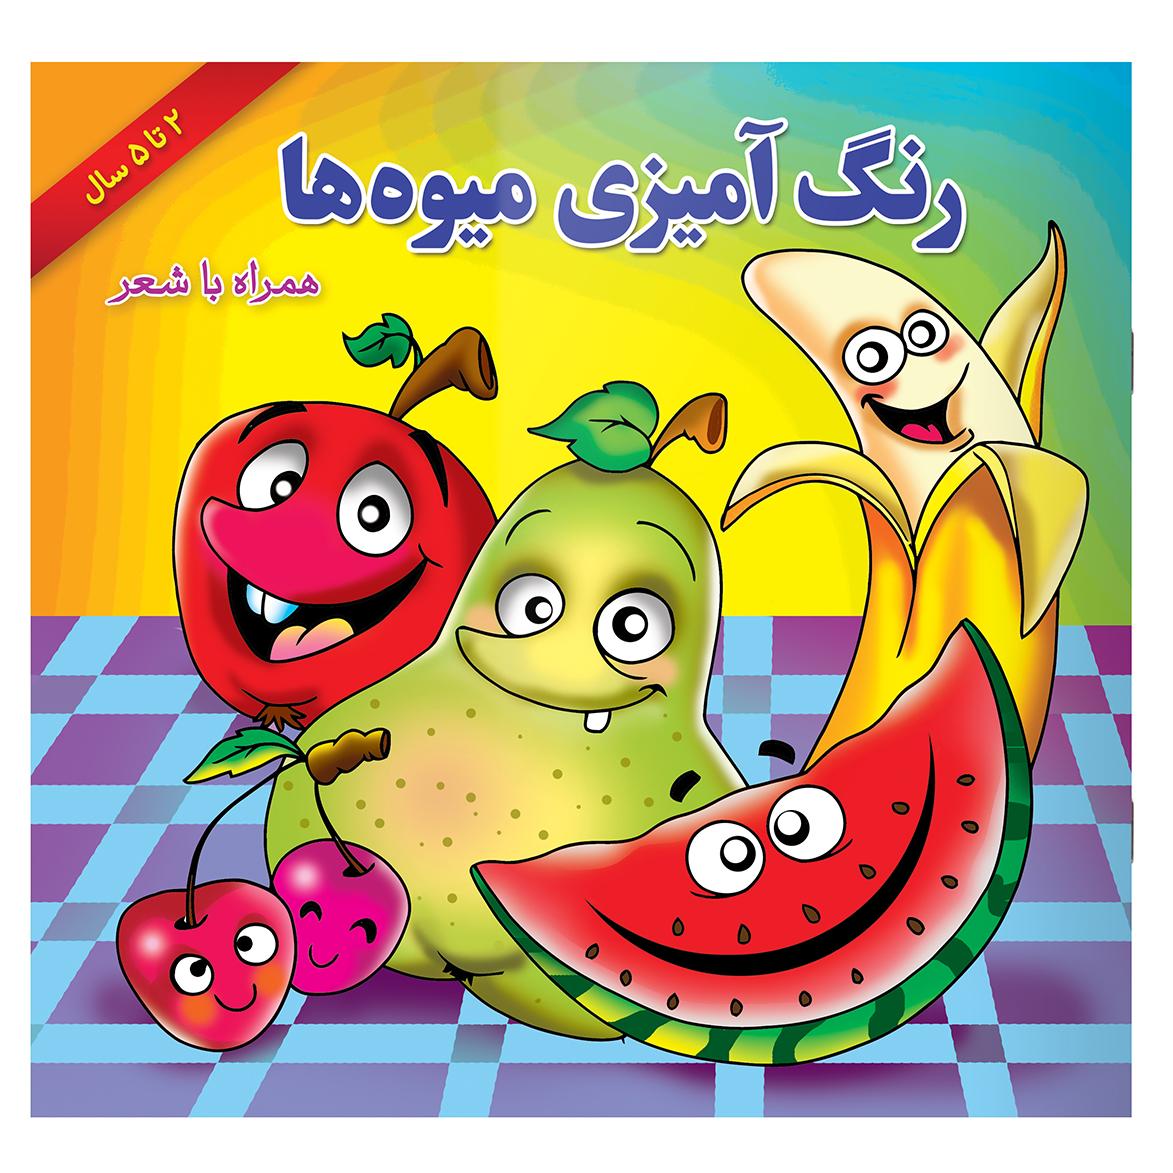 خرید                      کتاب رنگ آمیزی میوه ها همراه با شعر اثر مریم طالشی انتشارات یاس بهشت